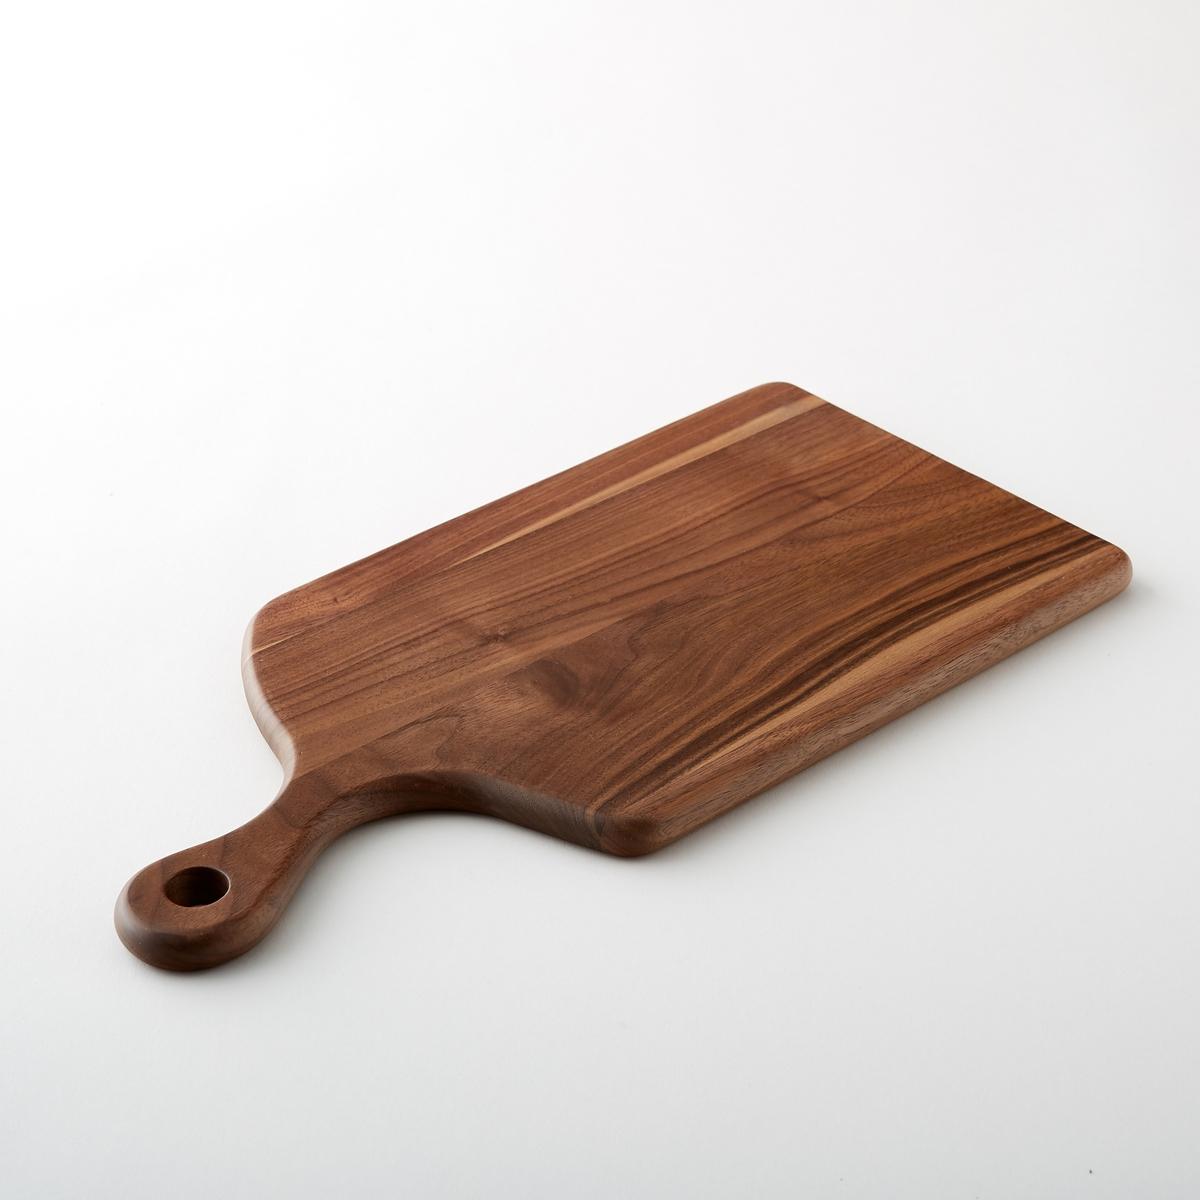 Доска разделочная маленькая модель, MoodwaРазделочная доска Moodwa. Элегантная и долговечная доска из массива ореха. Моется вручную, не оставлять в воде. Размеры : Ш.33 x В.1,5 x Г.16,3 см.<br><br>Цвет: дерево орех